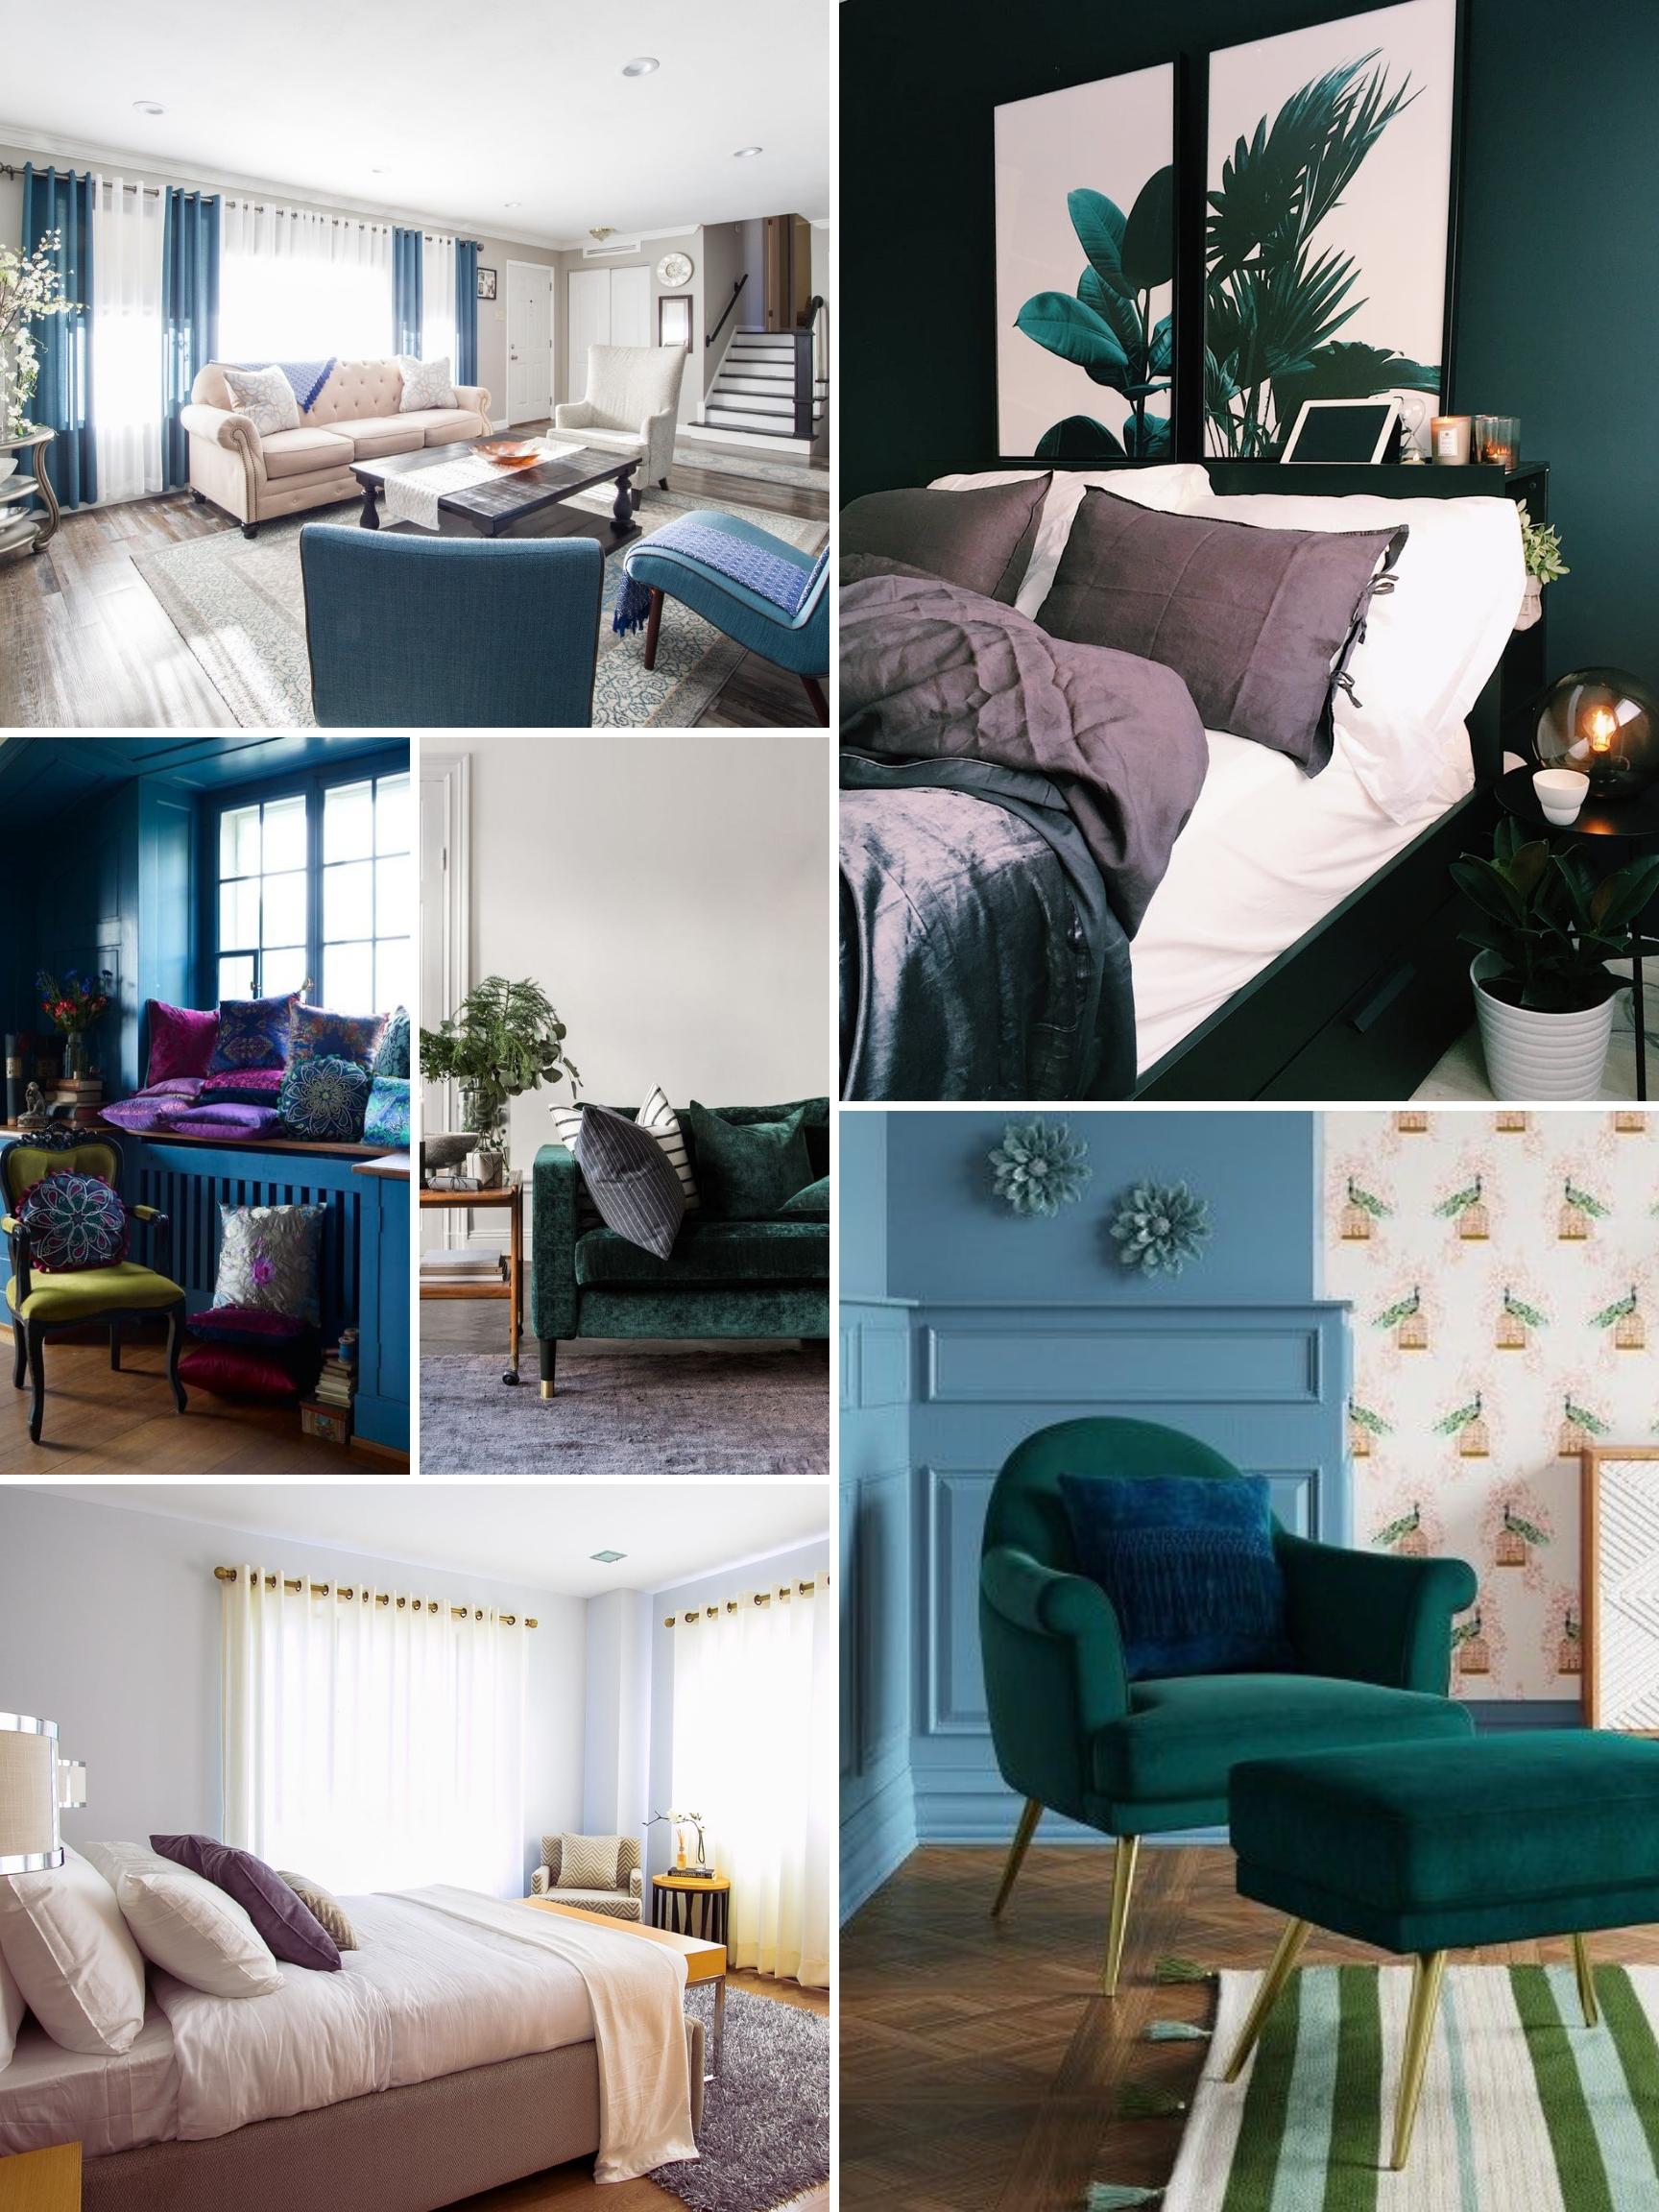 inspo board for jewel tone colors interior design